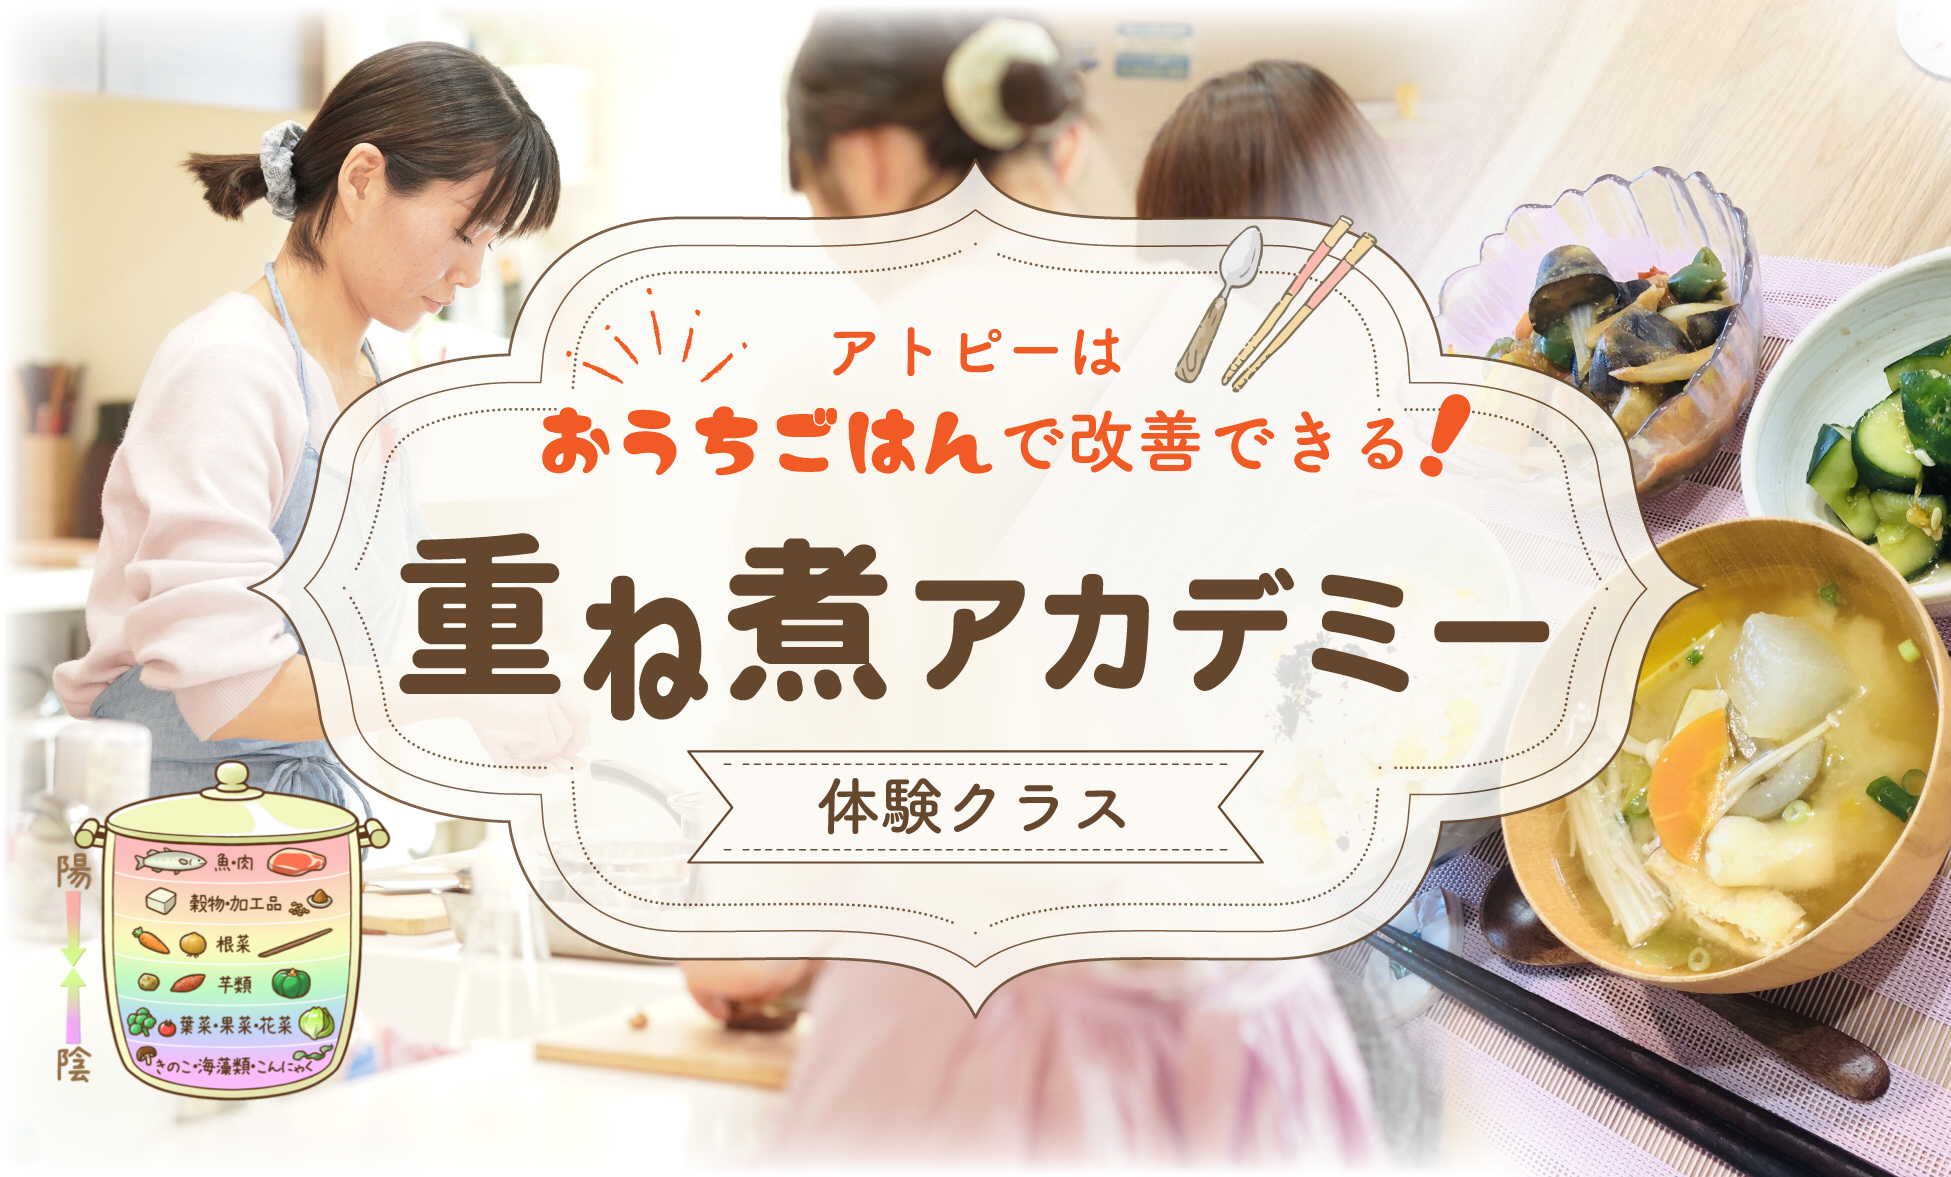 オンライン重ね煮アカデミー体験クラス